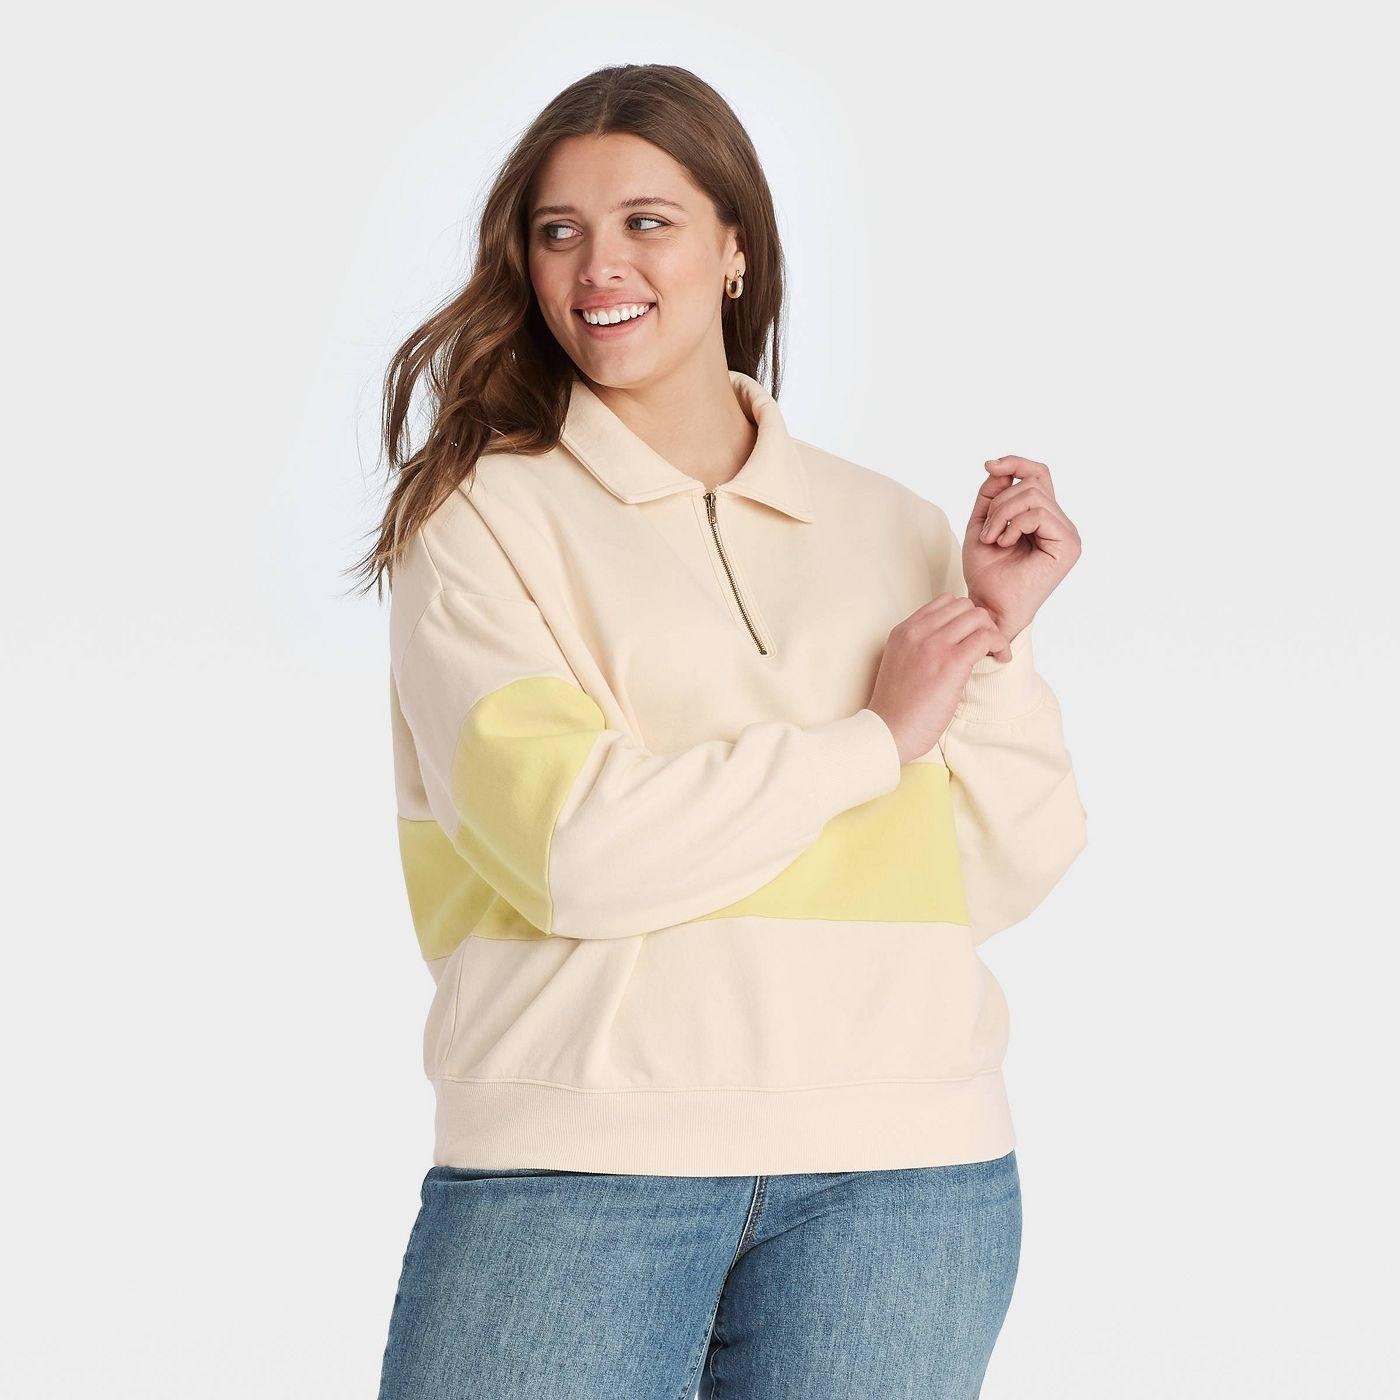 Model in Quarter Zip-Up High Neck Pullover Sweatshirt in yellow colorblock